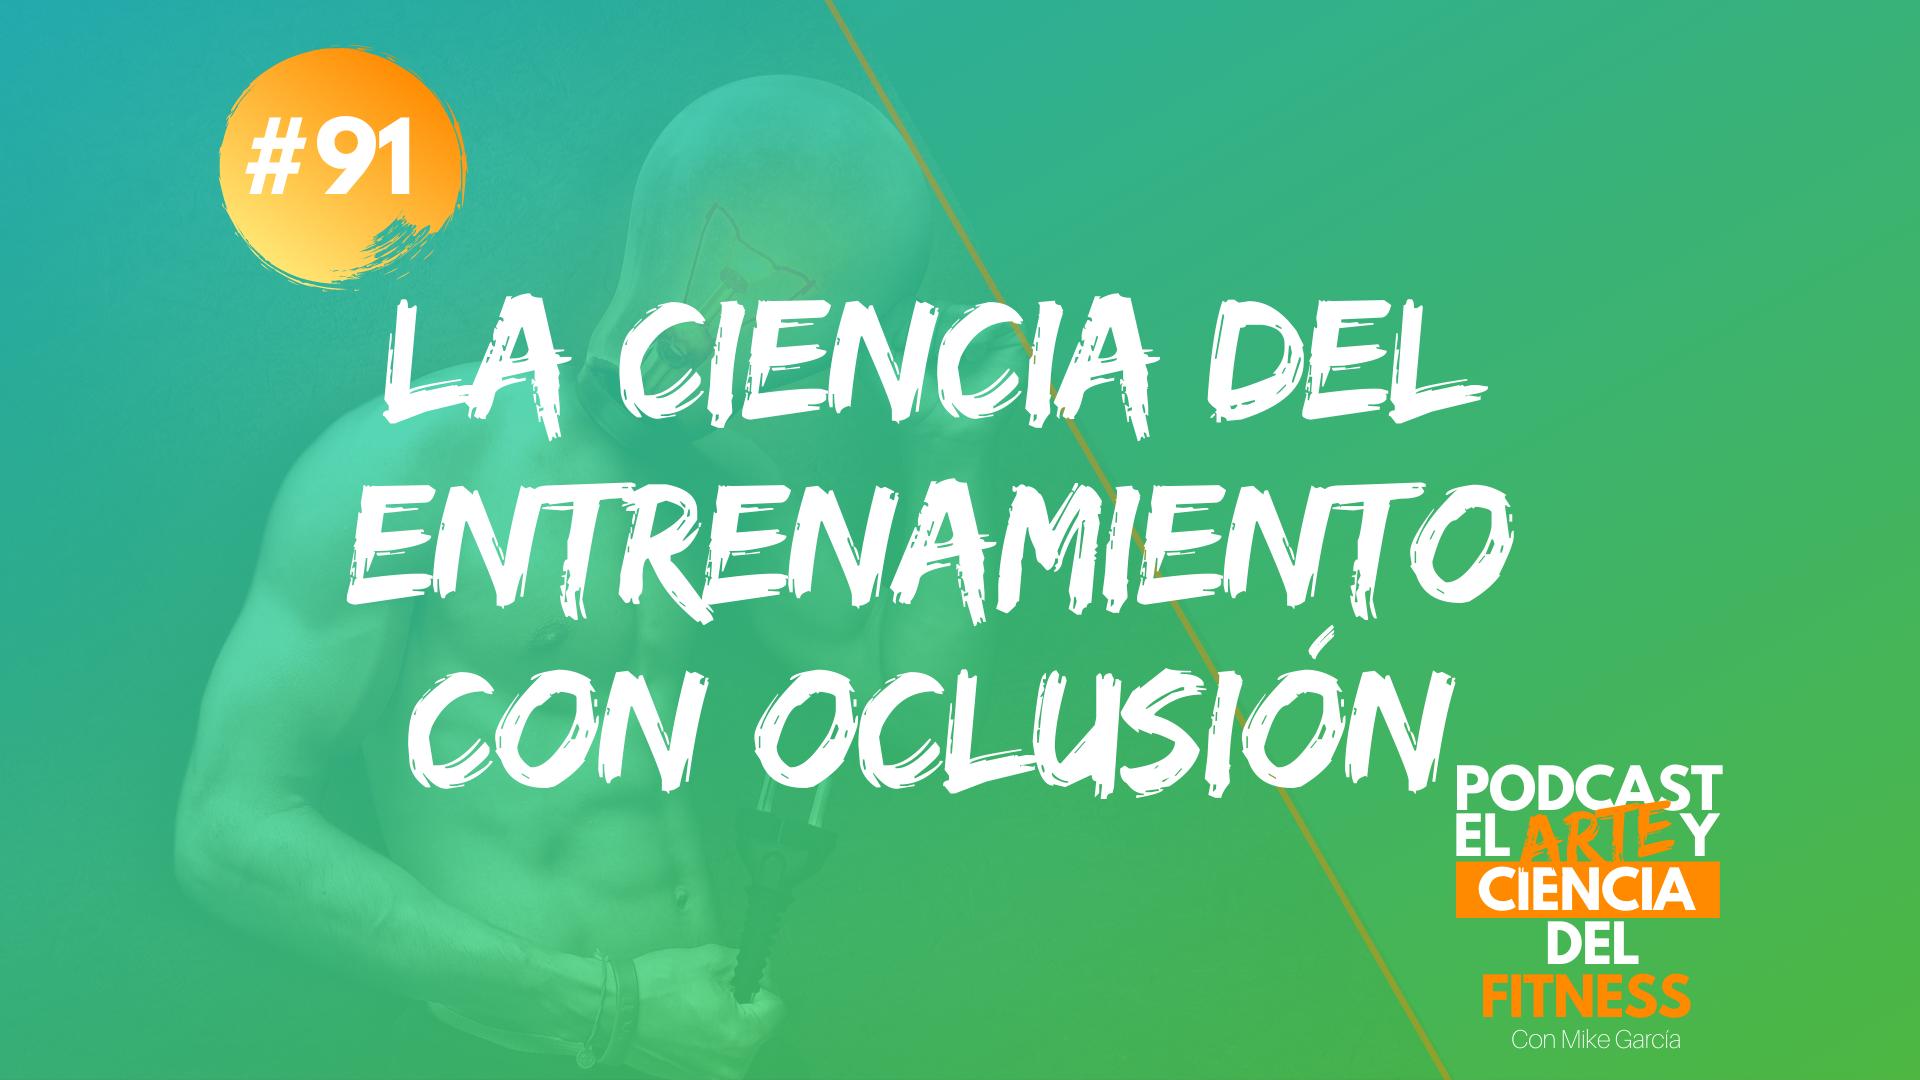 Podcast #91: La Ciencia Del Entrenamiento Con Oclusión